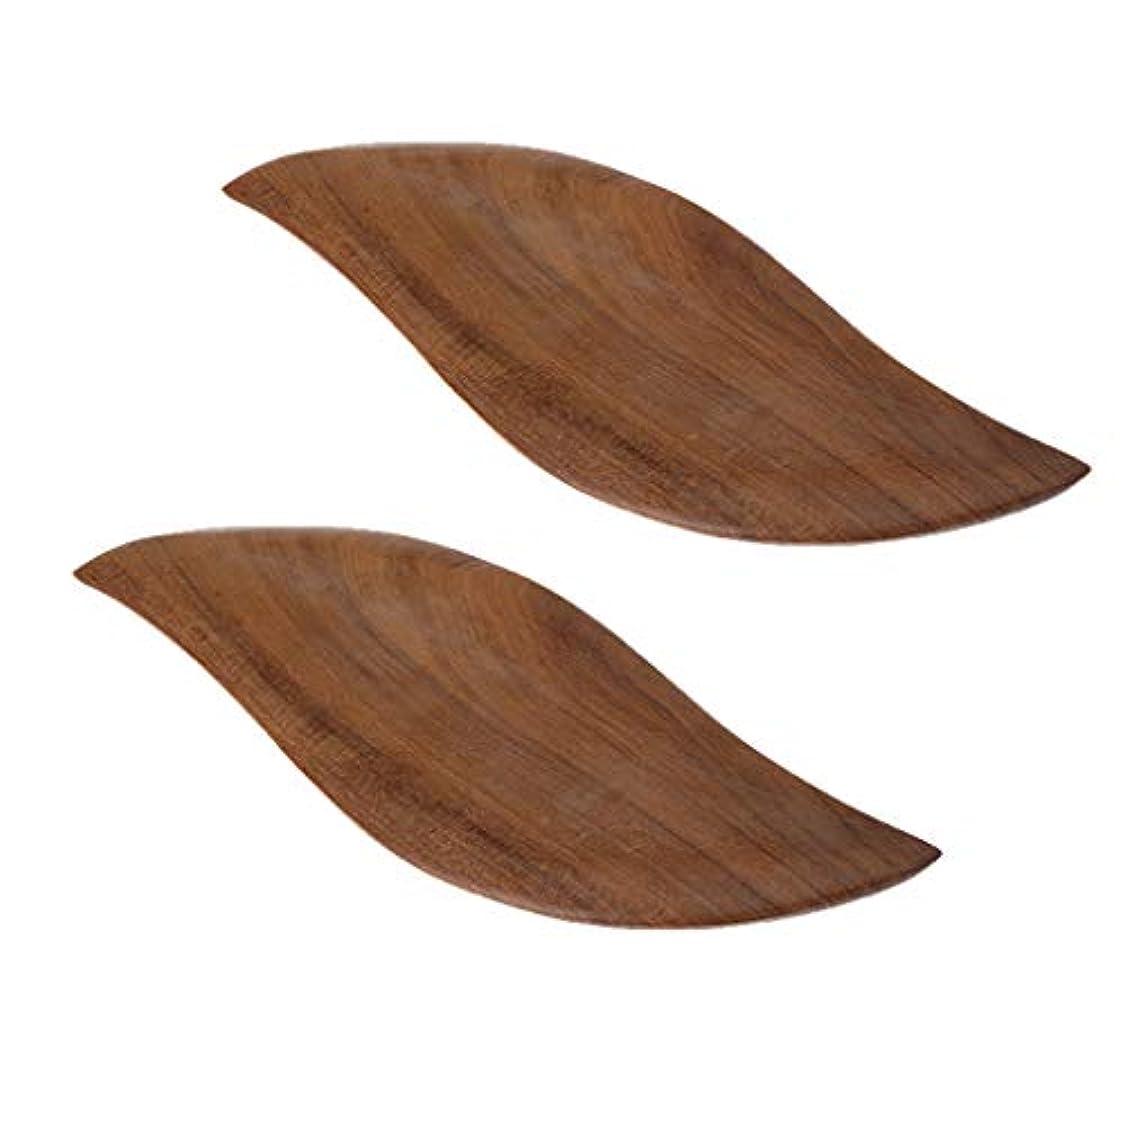 農場冷ややかな置き場Baoblaze 2枚 かっさプレート フェイスケア ボディーケア リラックス ツボ押し 木製